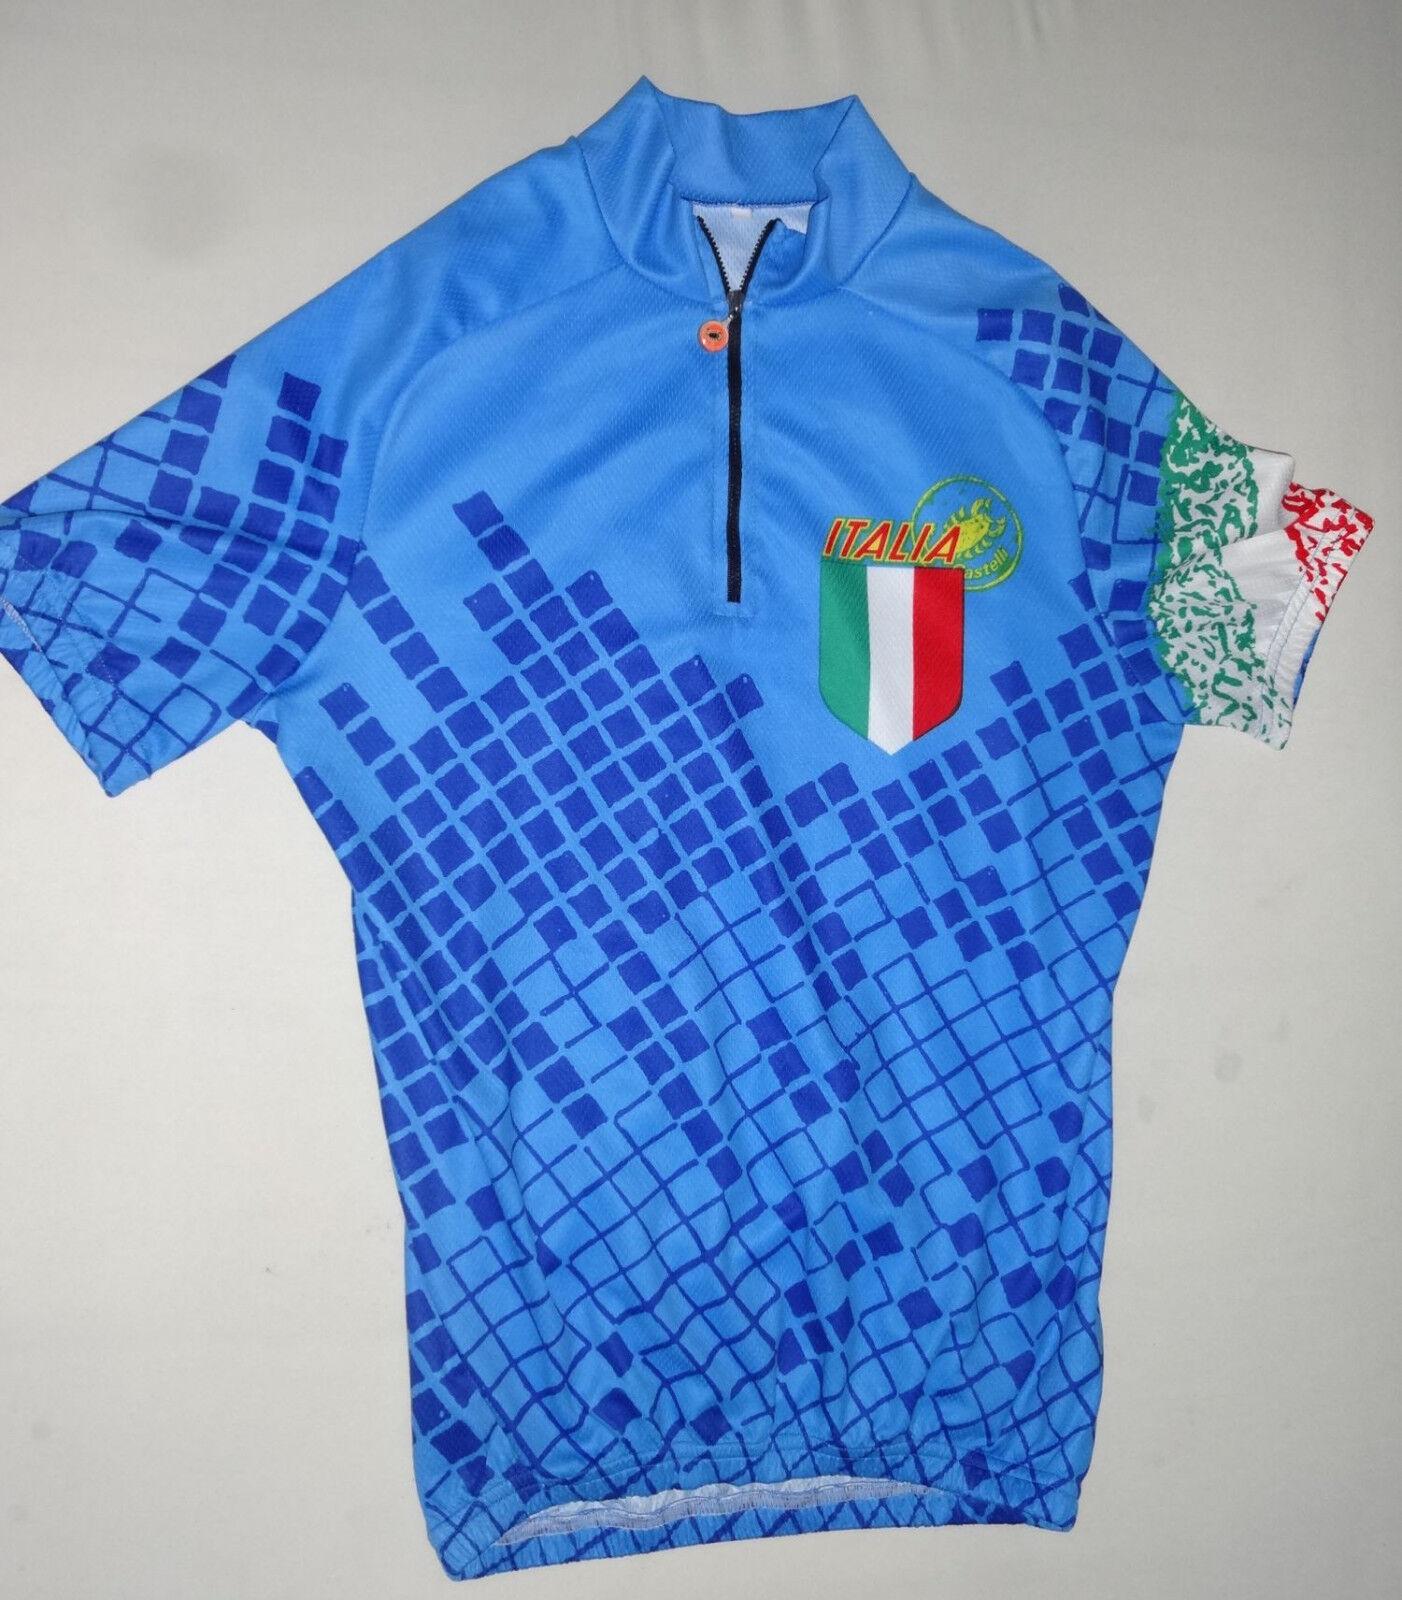 Castelli Italia Rennrad Fahrrad Mountainbike Trikot Gr. XXL in blue